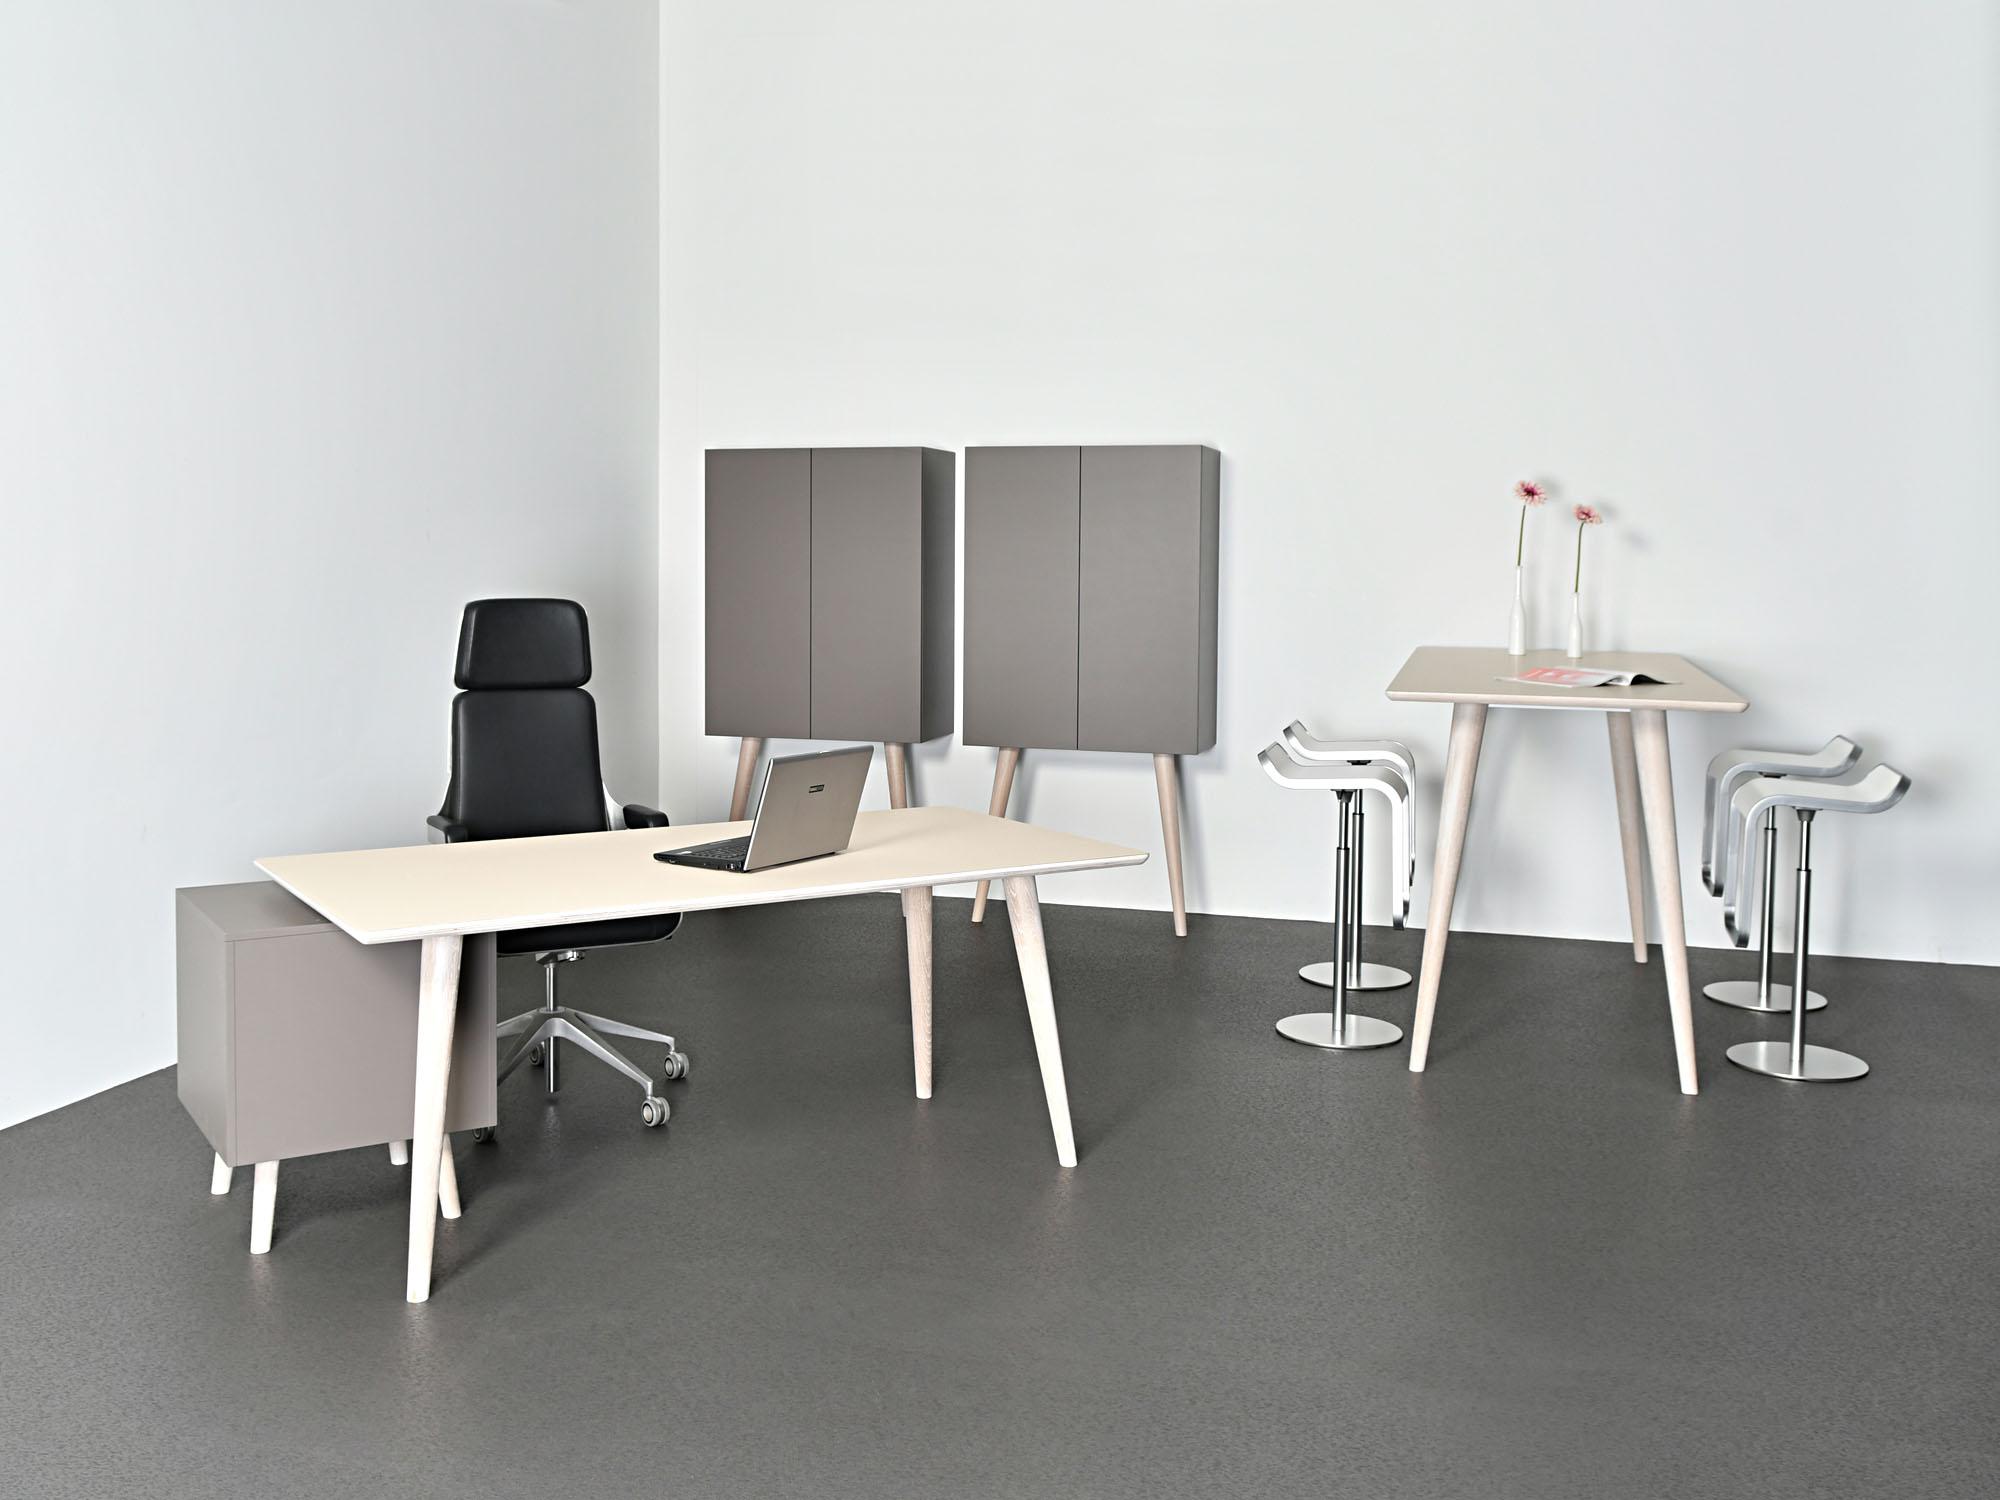 RP-bureau, RP-leunkast en RP-statafel, ontwerp door Coen Castelijn